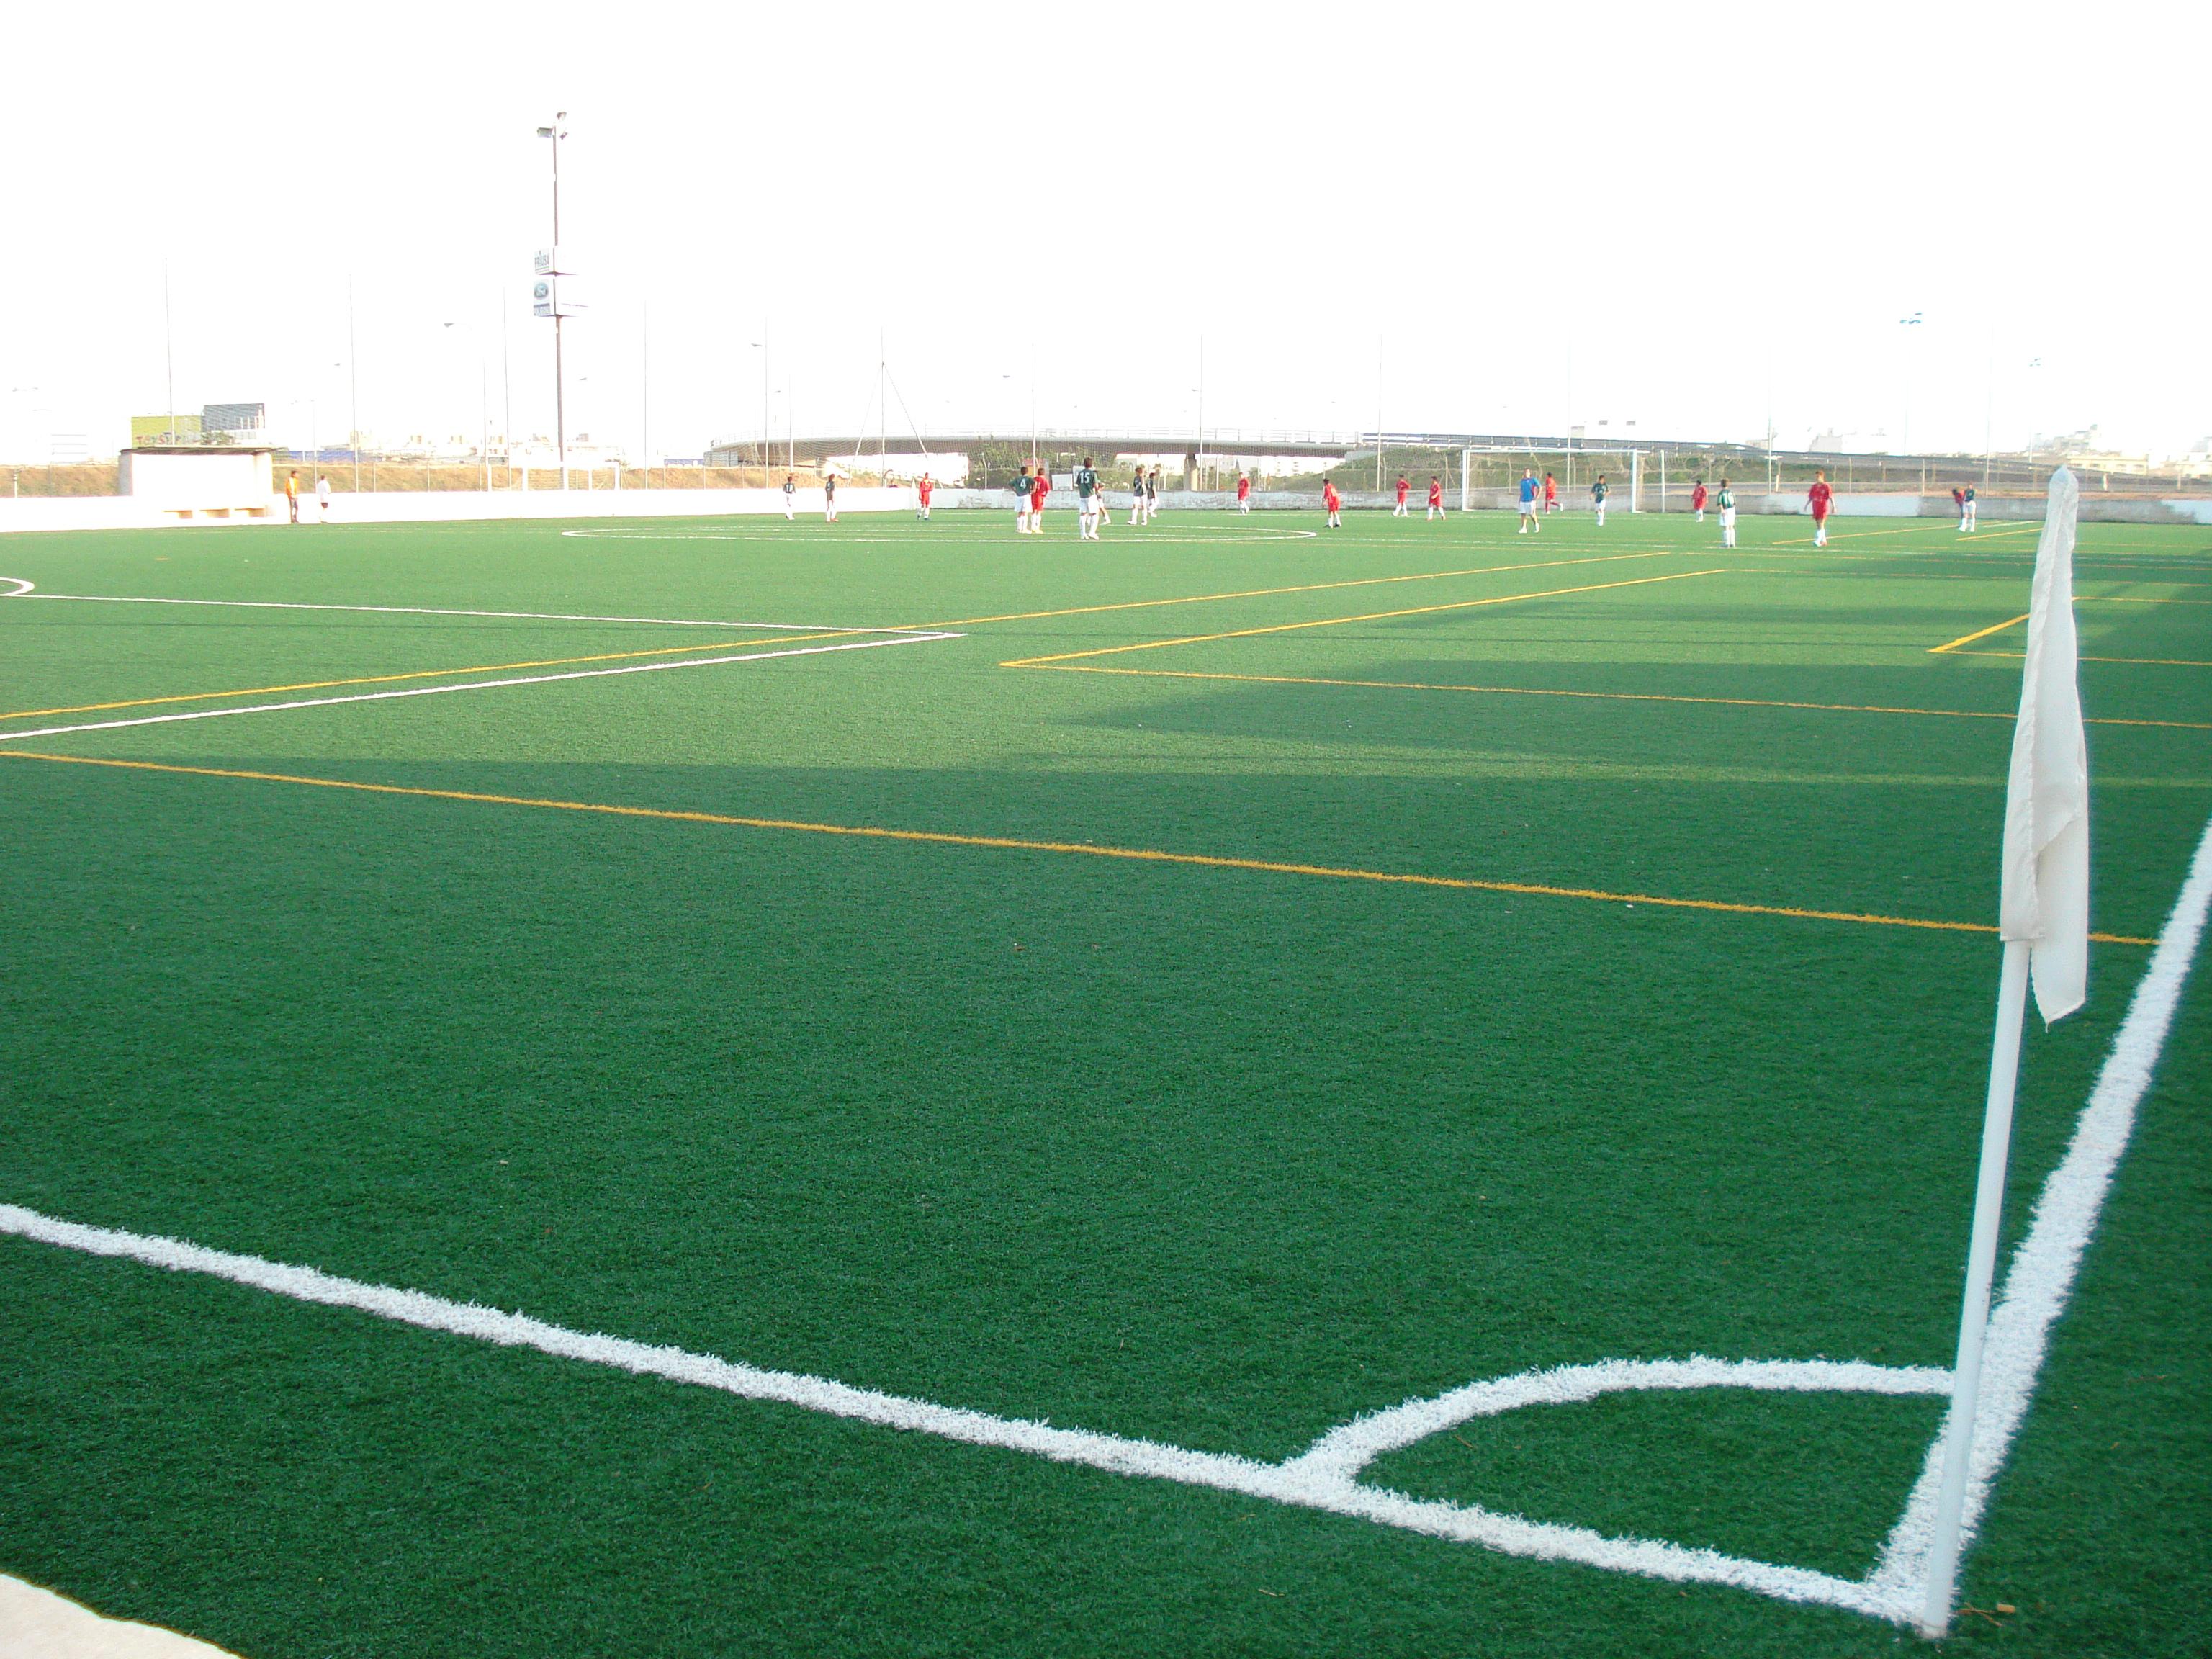 Federaci futbol de les illes balears consulta de camps - Campo de futbol del valencia ...